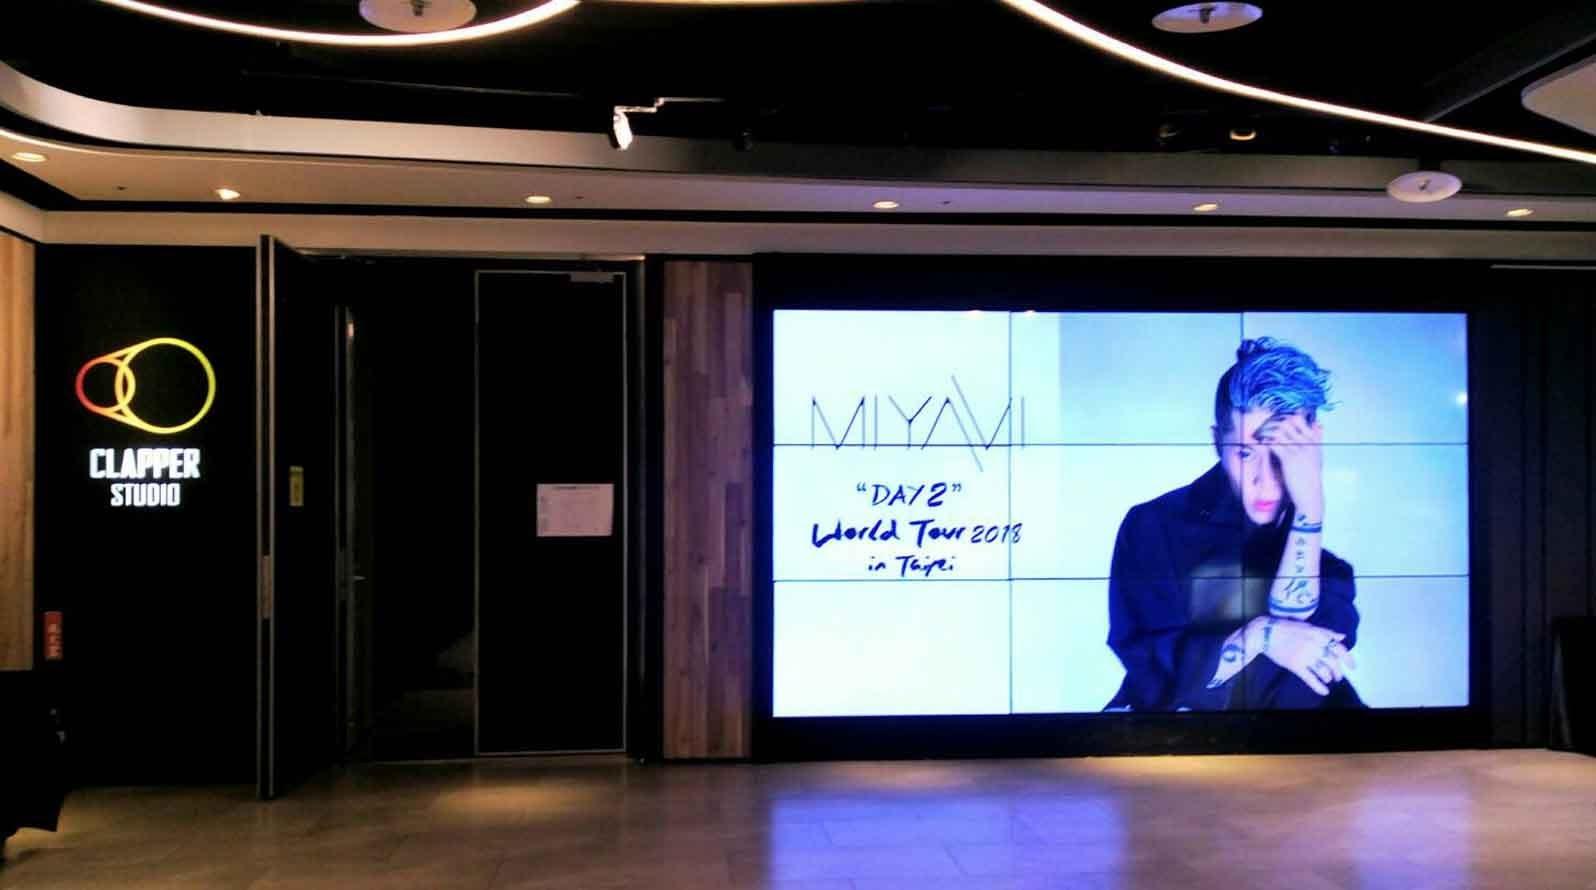 """【迷迷歌單】MIYAVI """"DAY 2"""" World Tour 2018 In Taipei"""